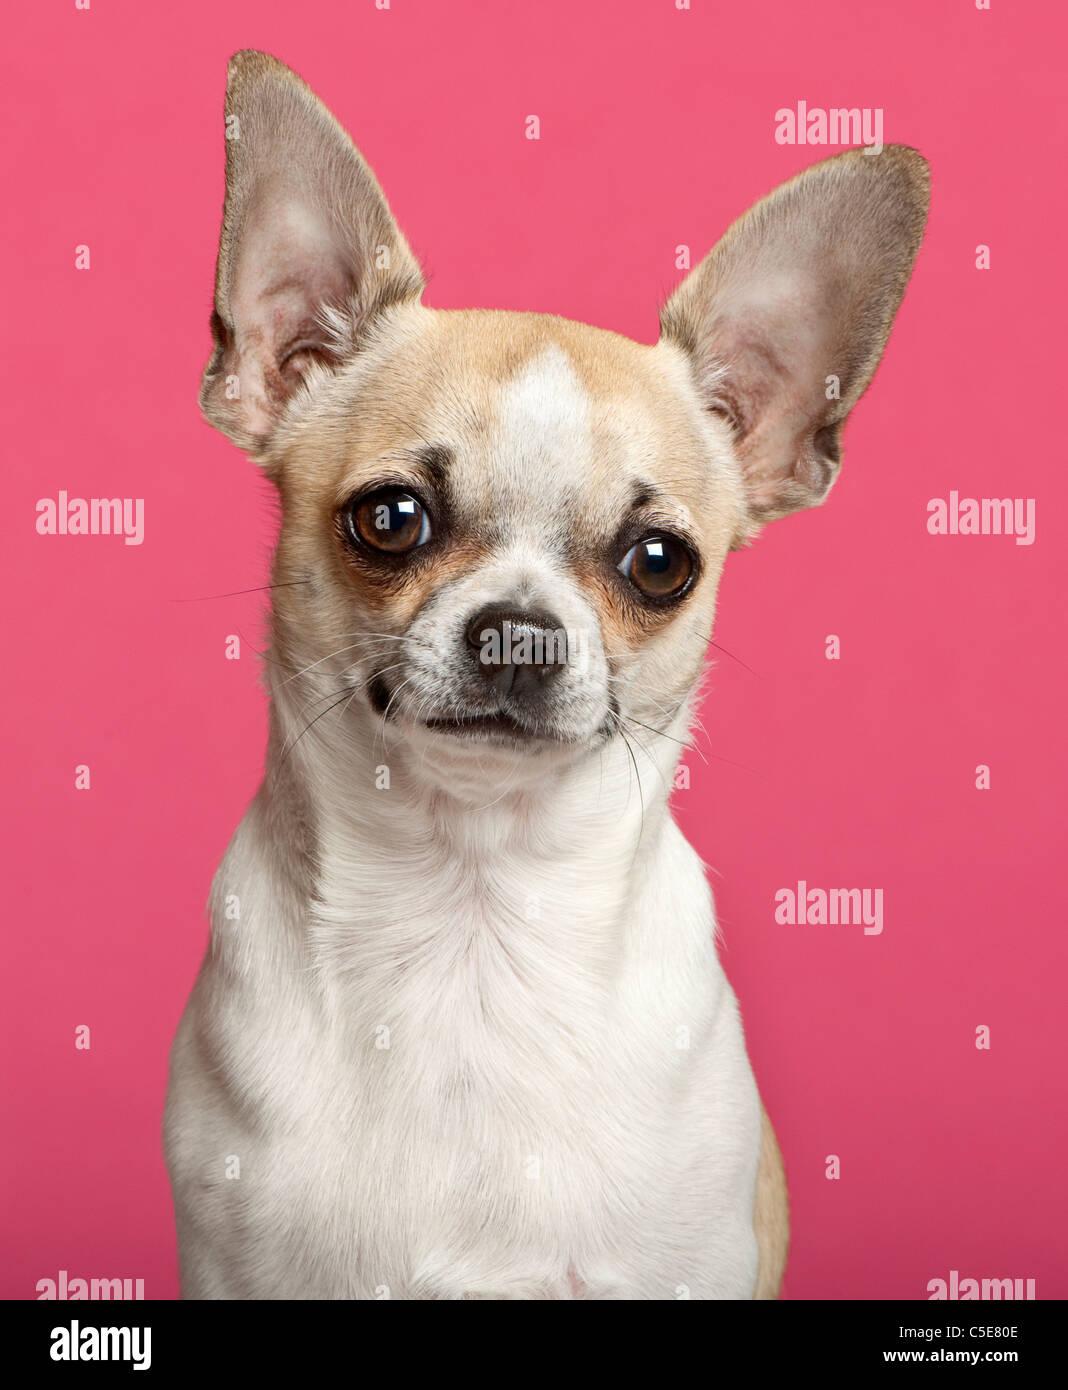 Nahaufnahme von Chihuahua, 9 Monate alt, vor rosa Hintergrund Stockbild